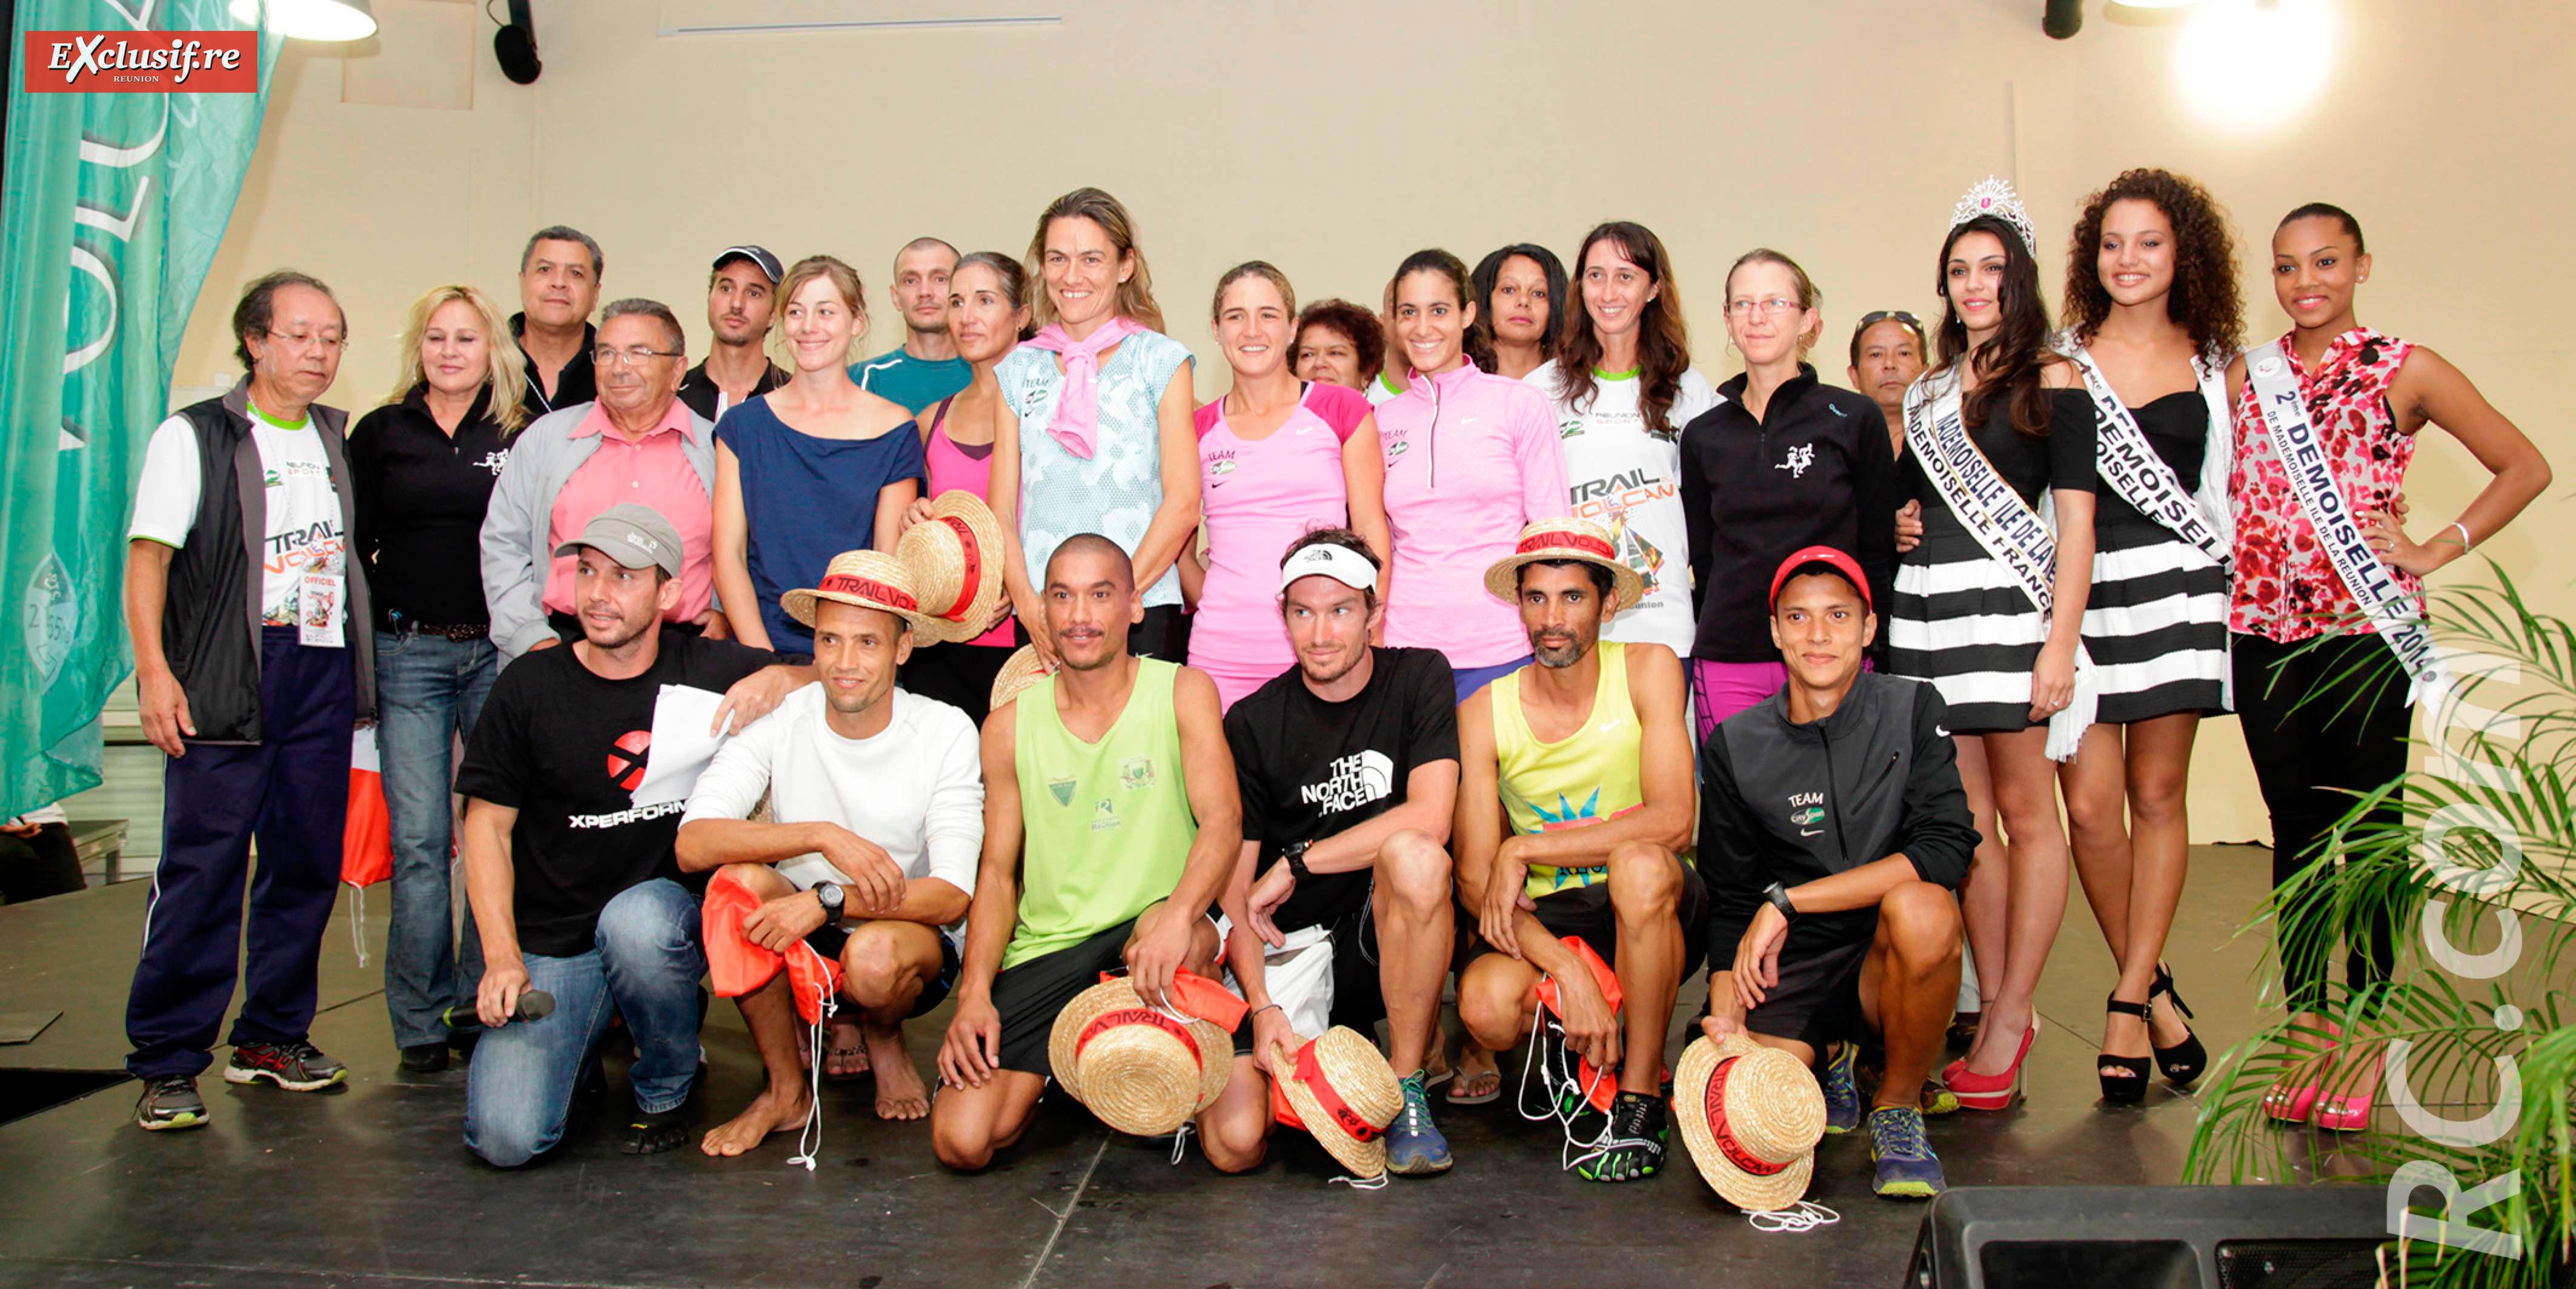 Une belle photo-souvenir de l'ancien gardien du volcan avec les gagnants et les officiels du Trail du Volcan